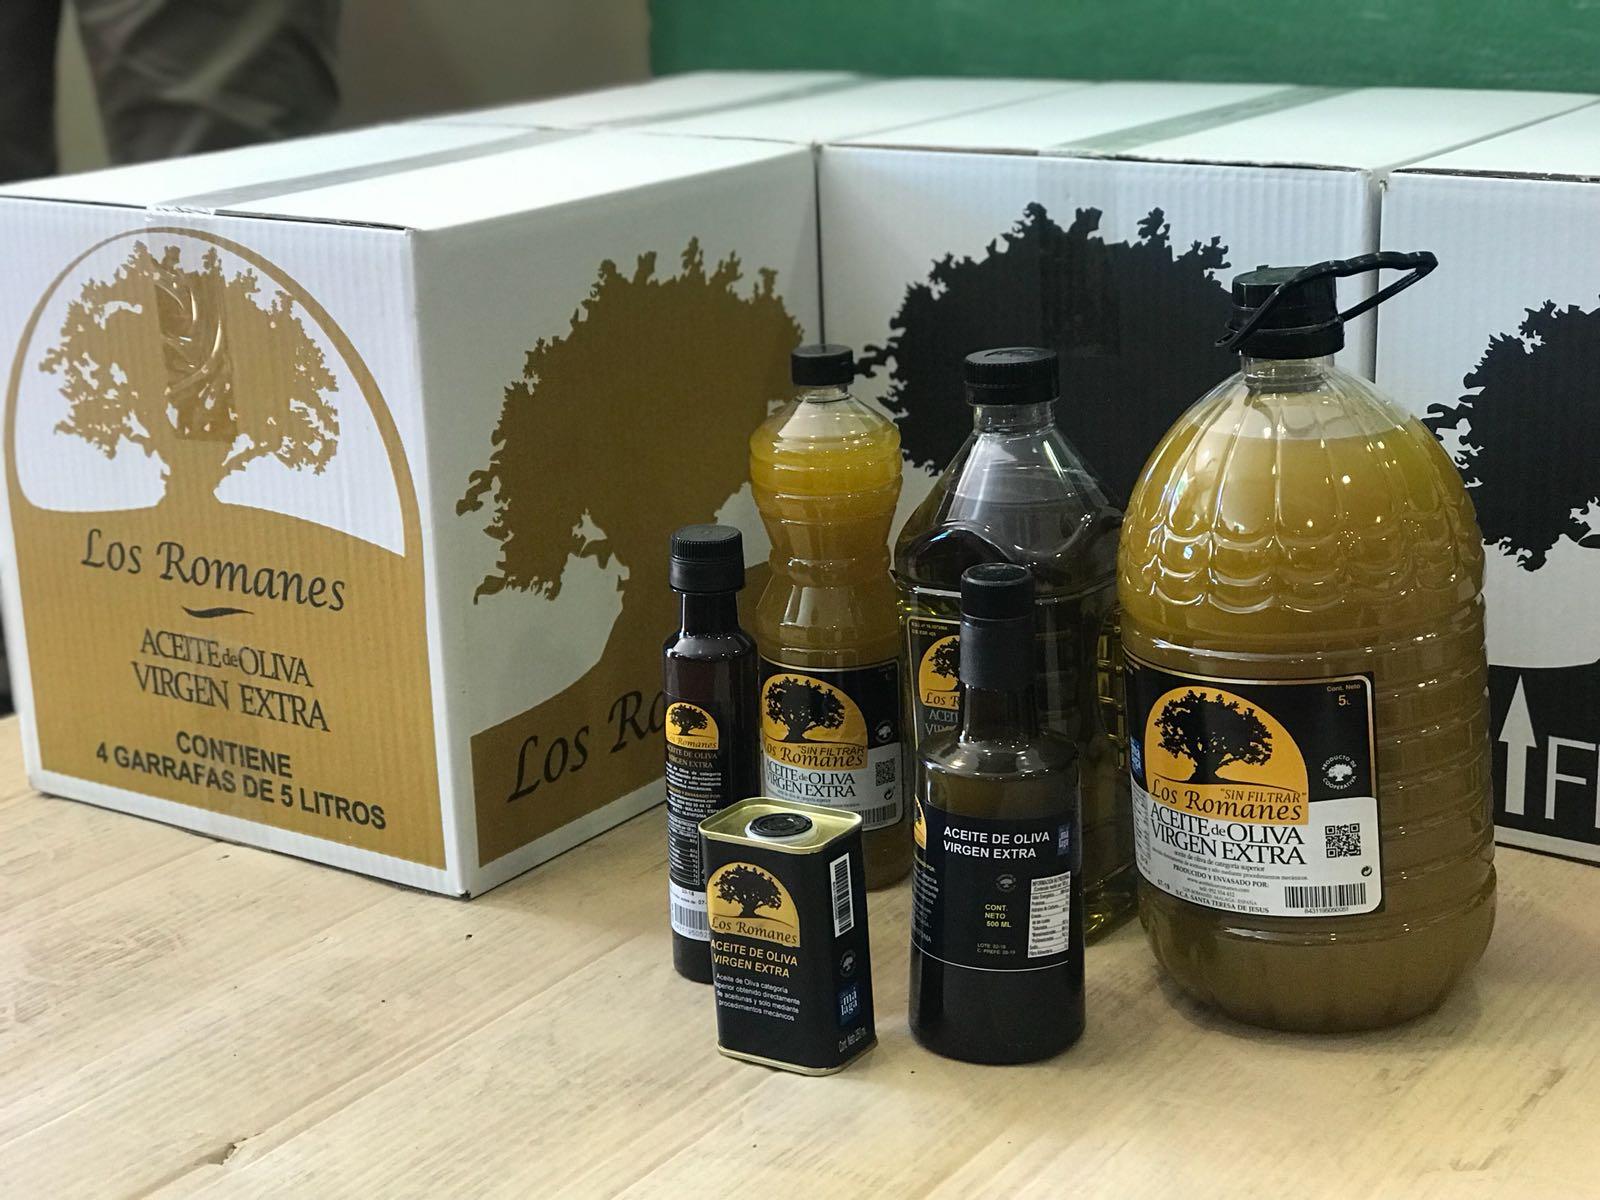 Aceite de oliva virgen extra Los Romanos